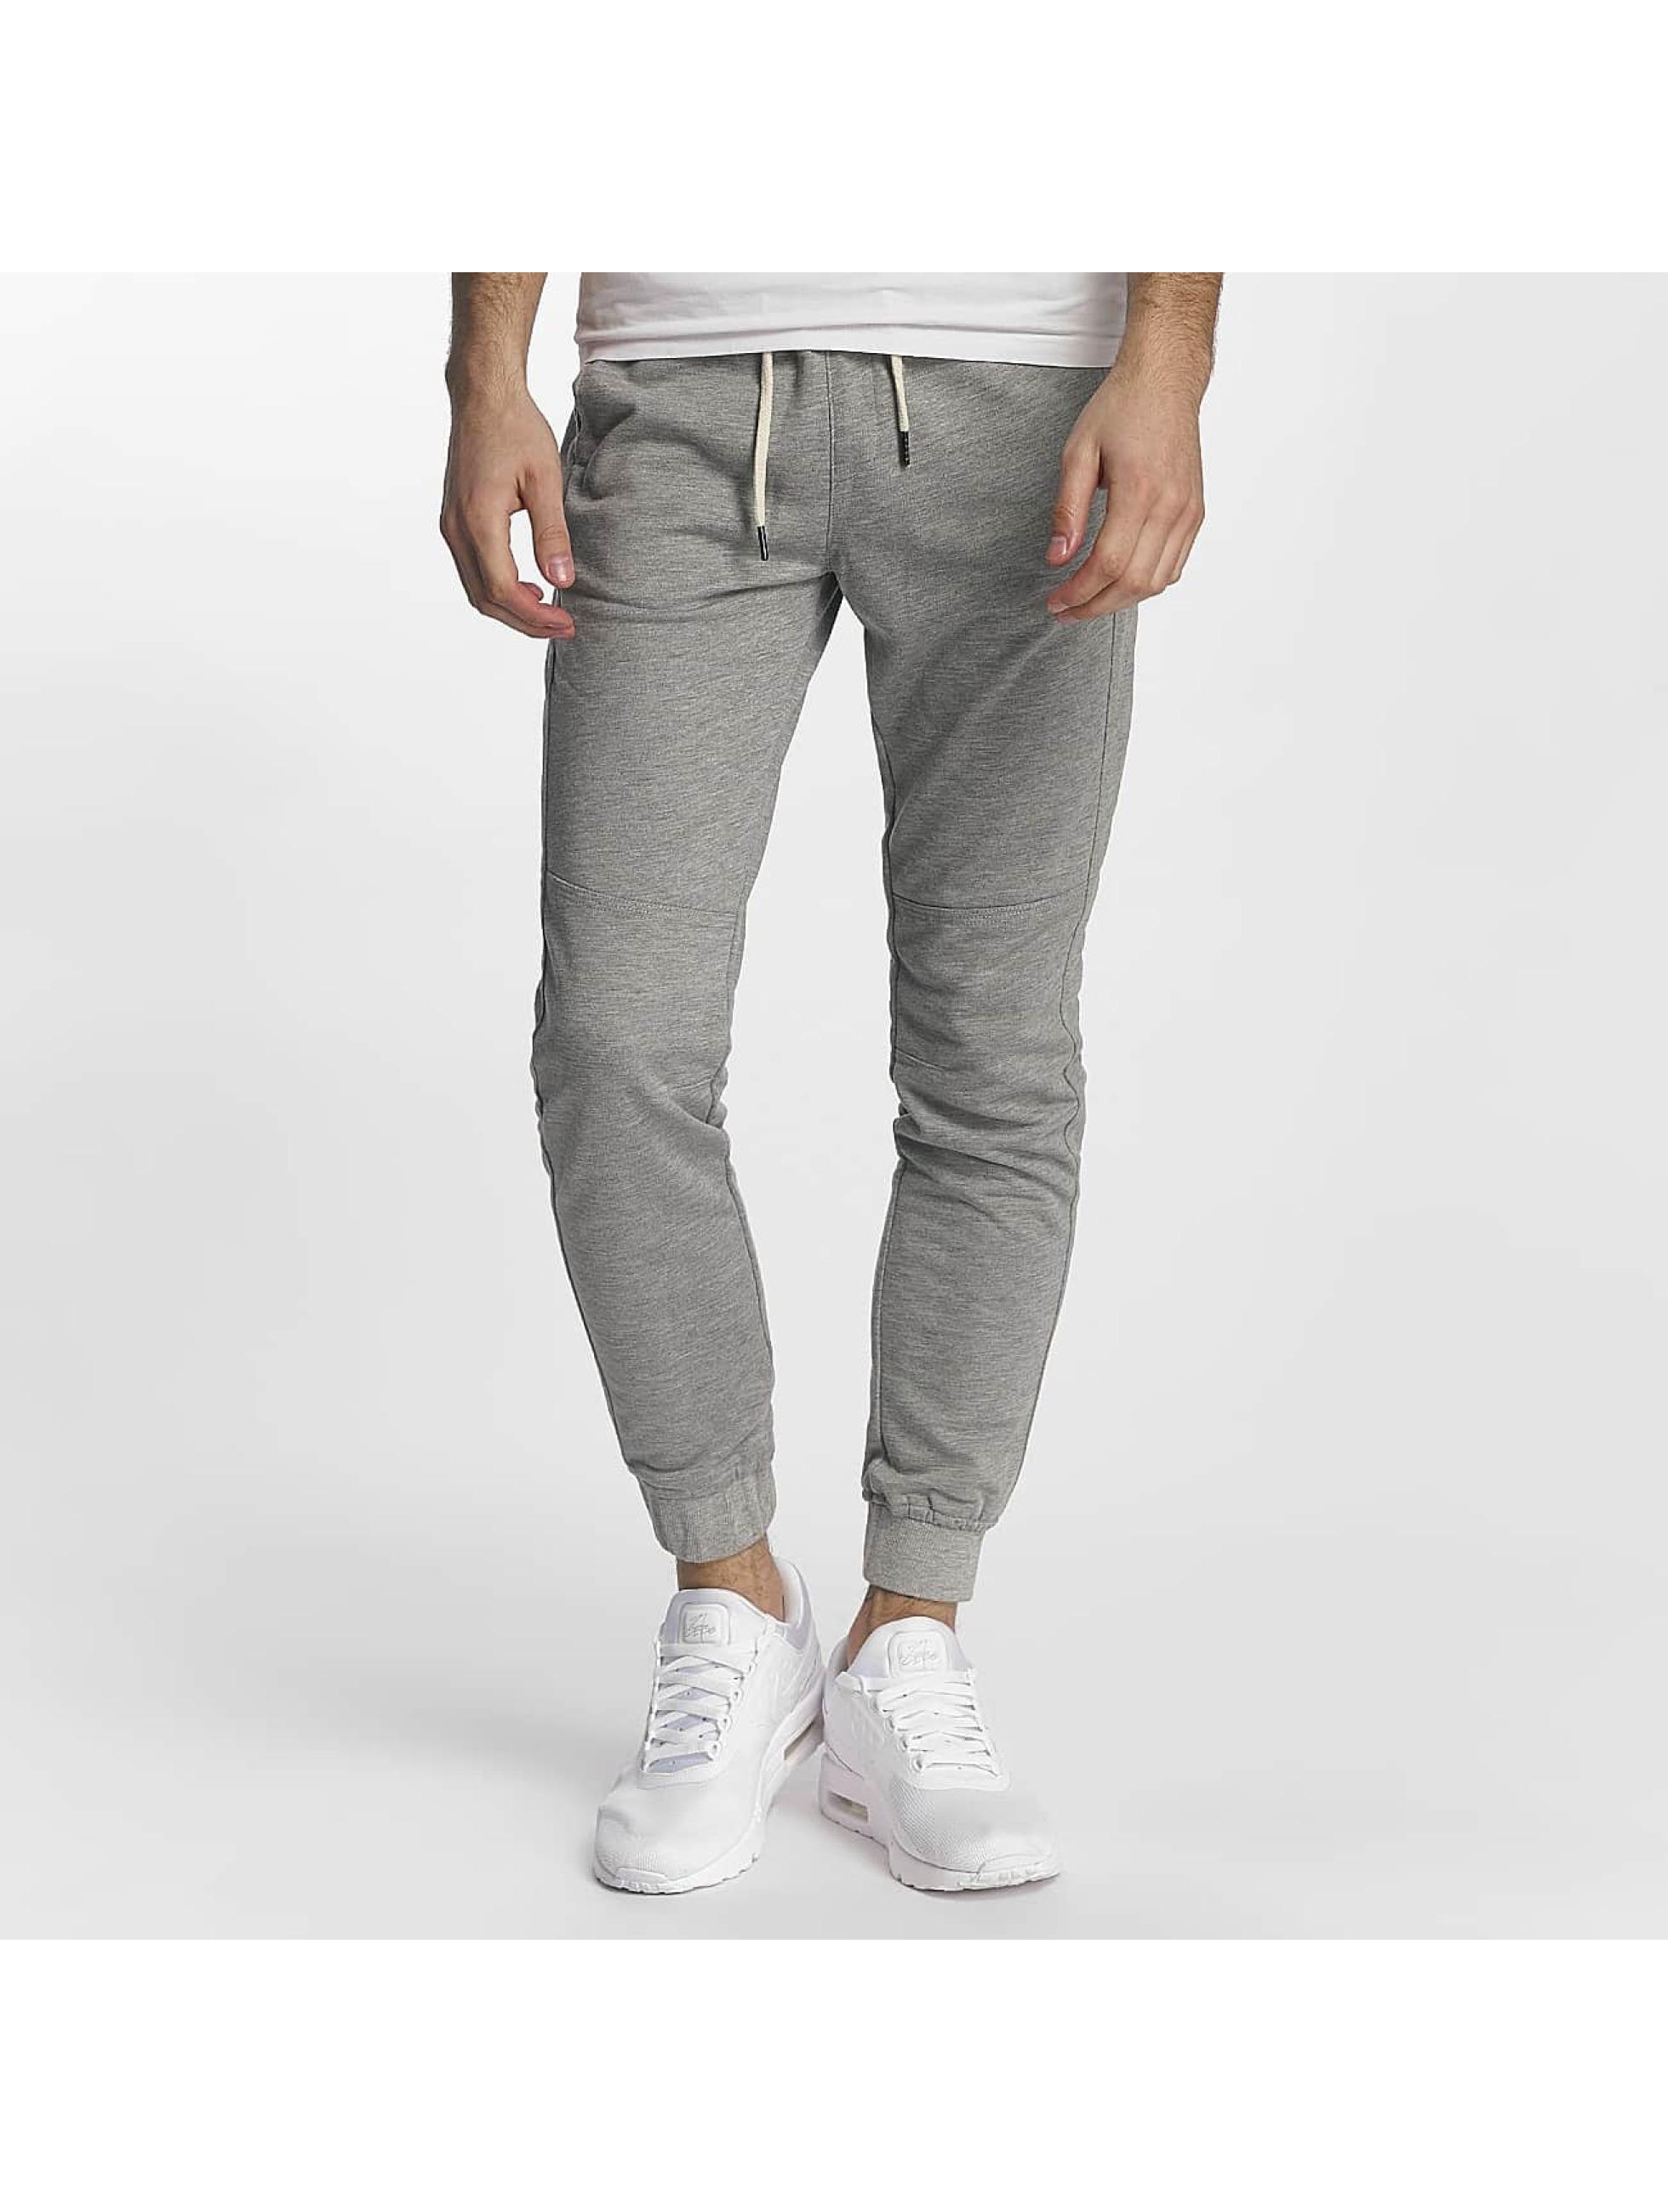 TrueSpin Sweat Pant TS Jogger grey